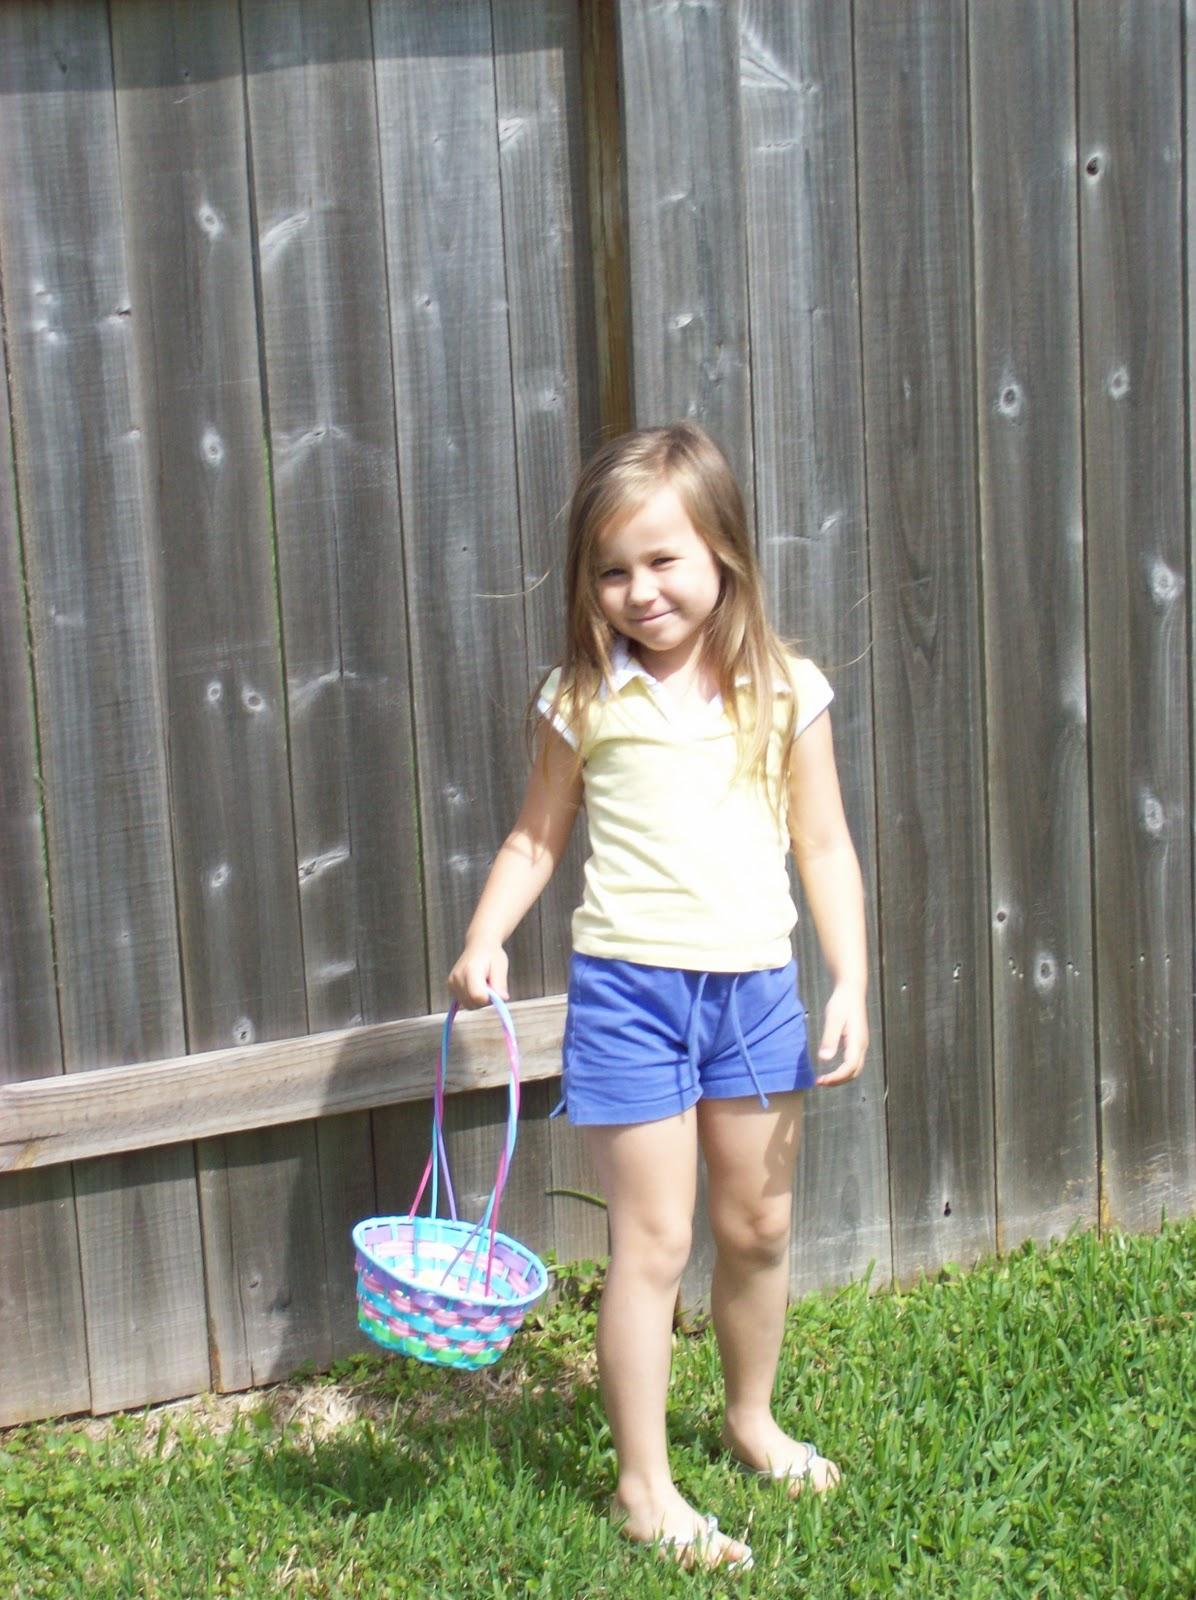 Easter Egg Hunting - 101_2222.JPG